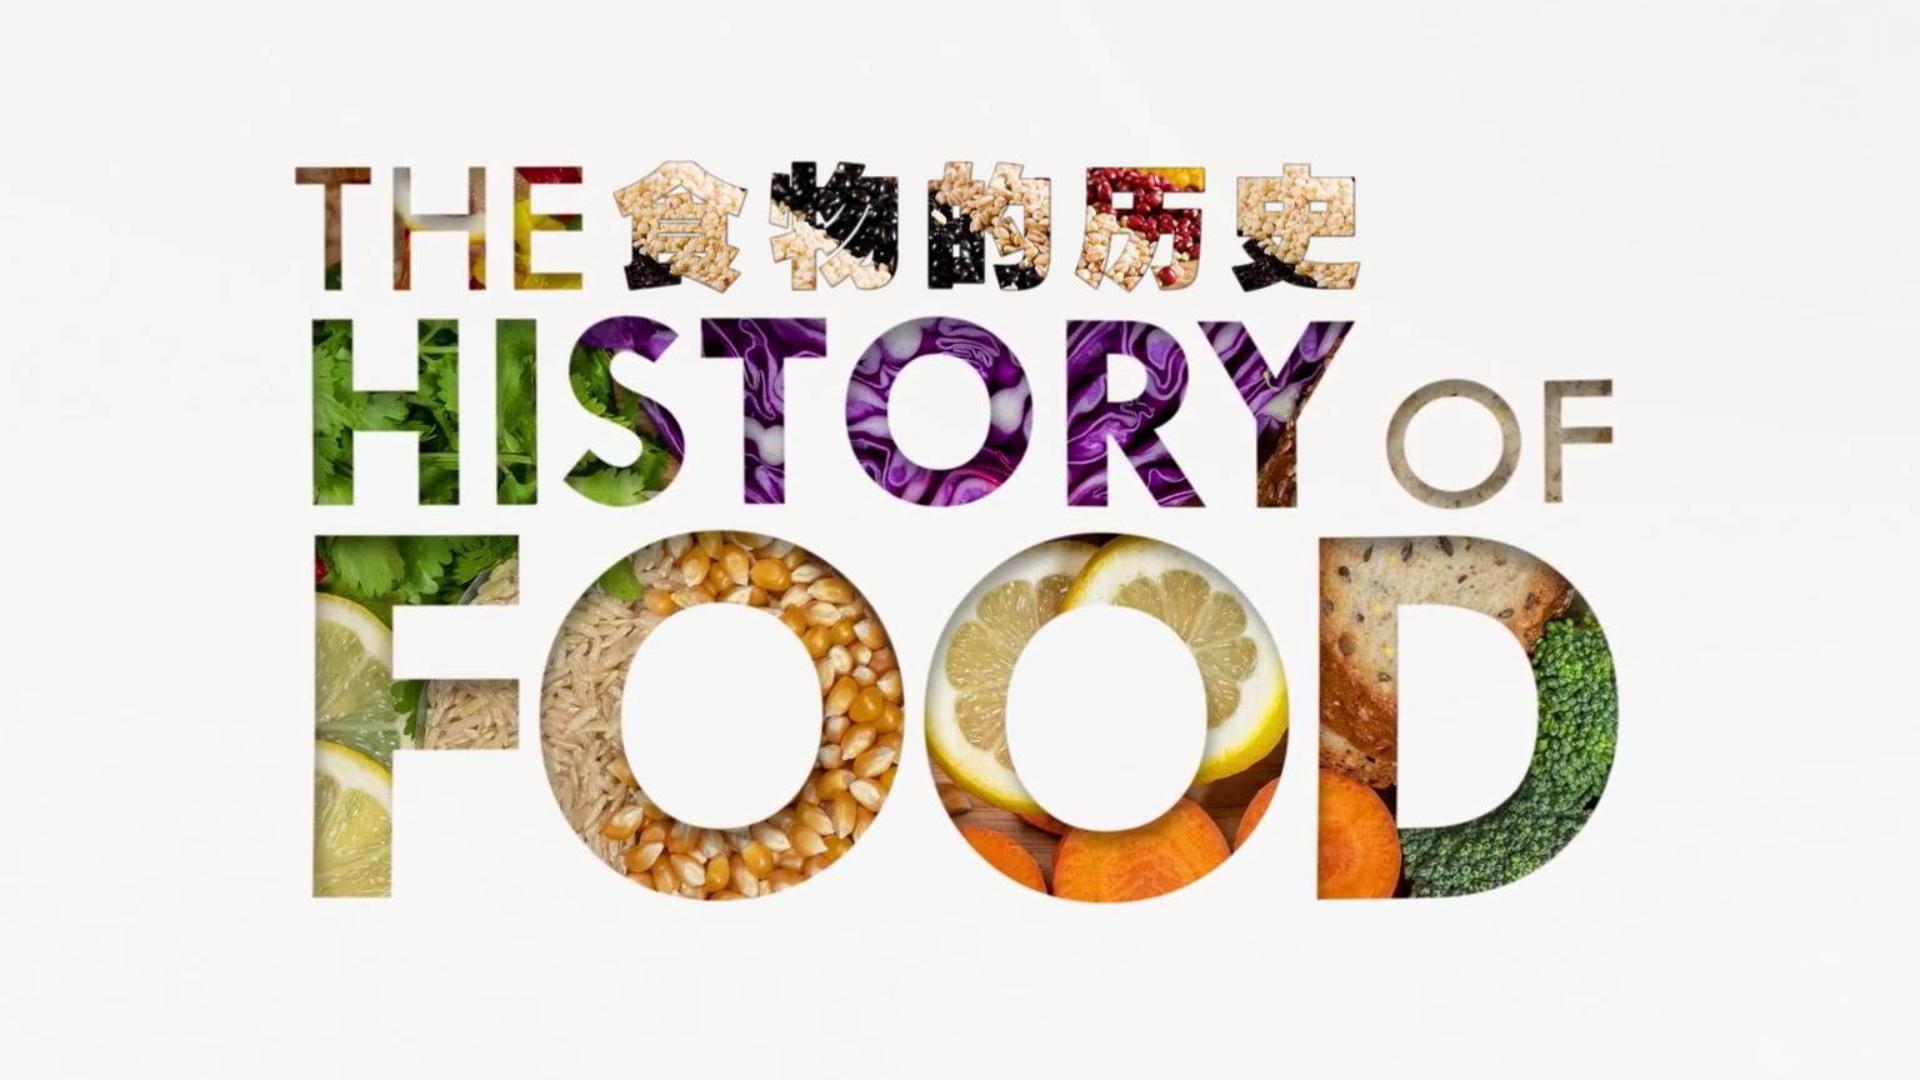 【纪录片】食物的历史 4【双语特效字幕】【纪录片之家字幕组】